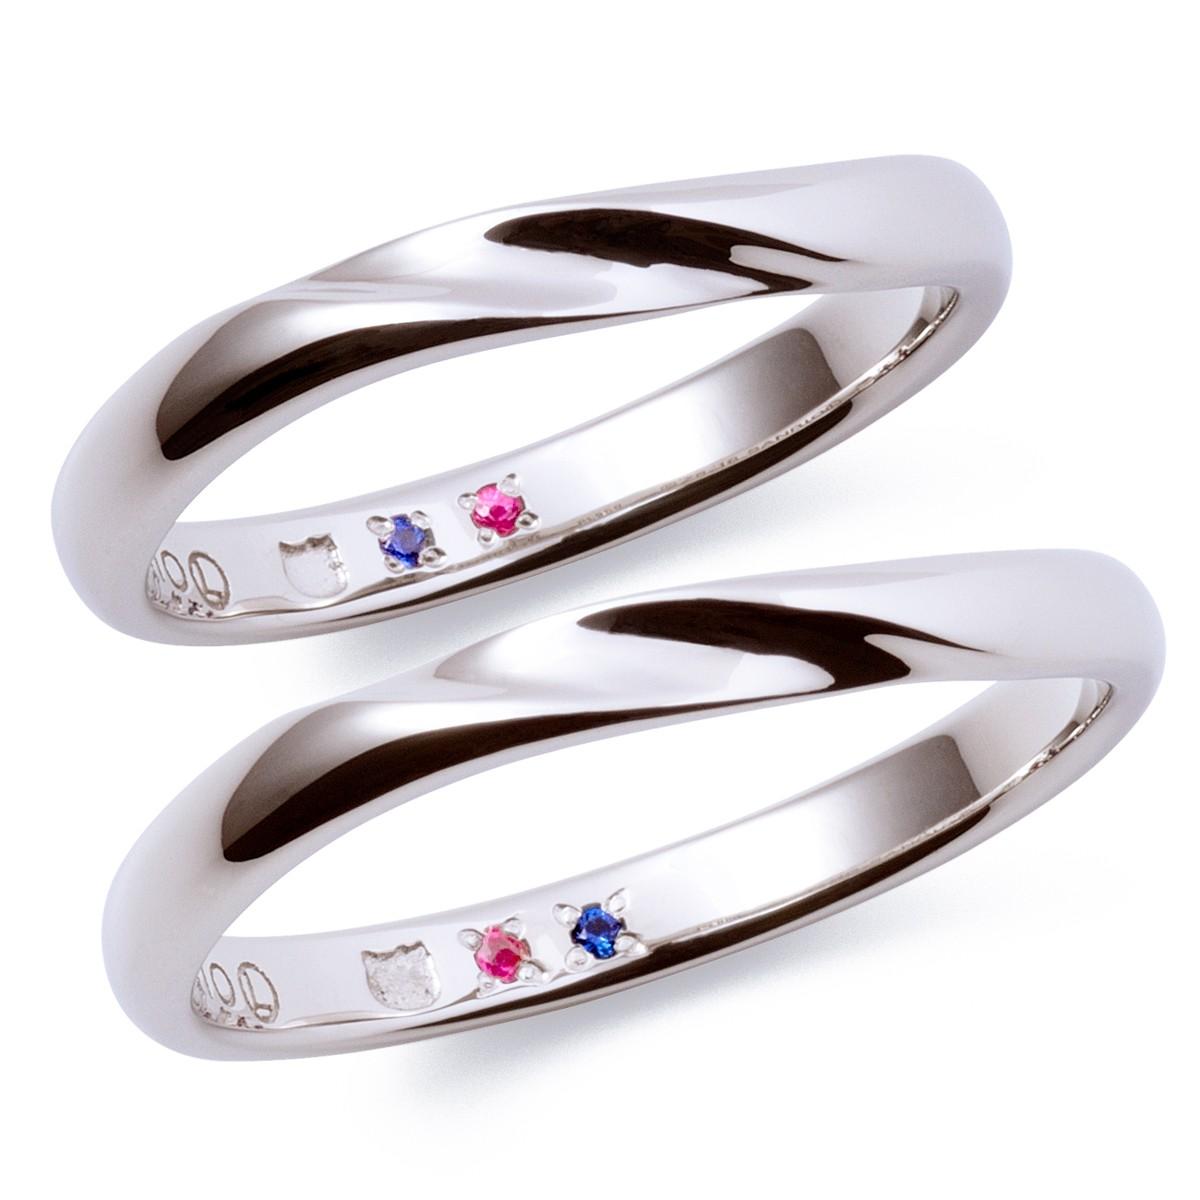 フェミニン 結婚指輪のKT-7061117002-7061117012